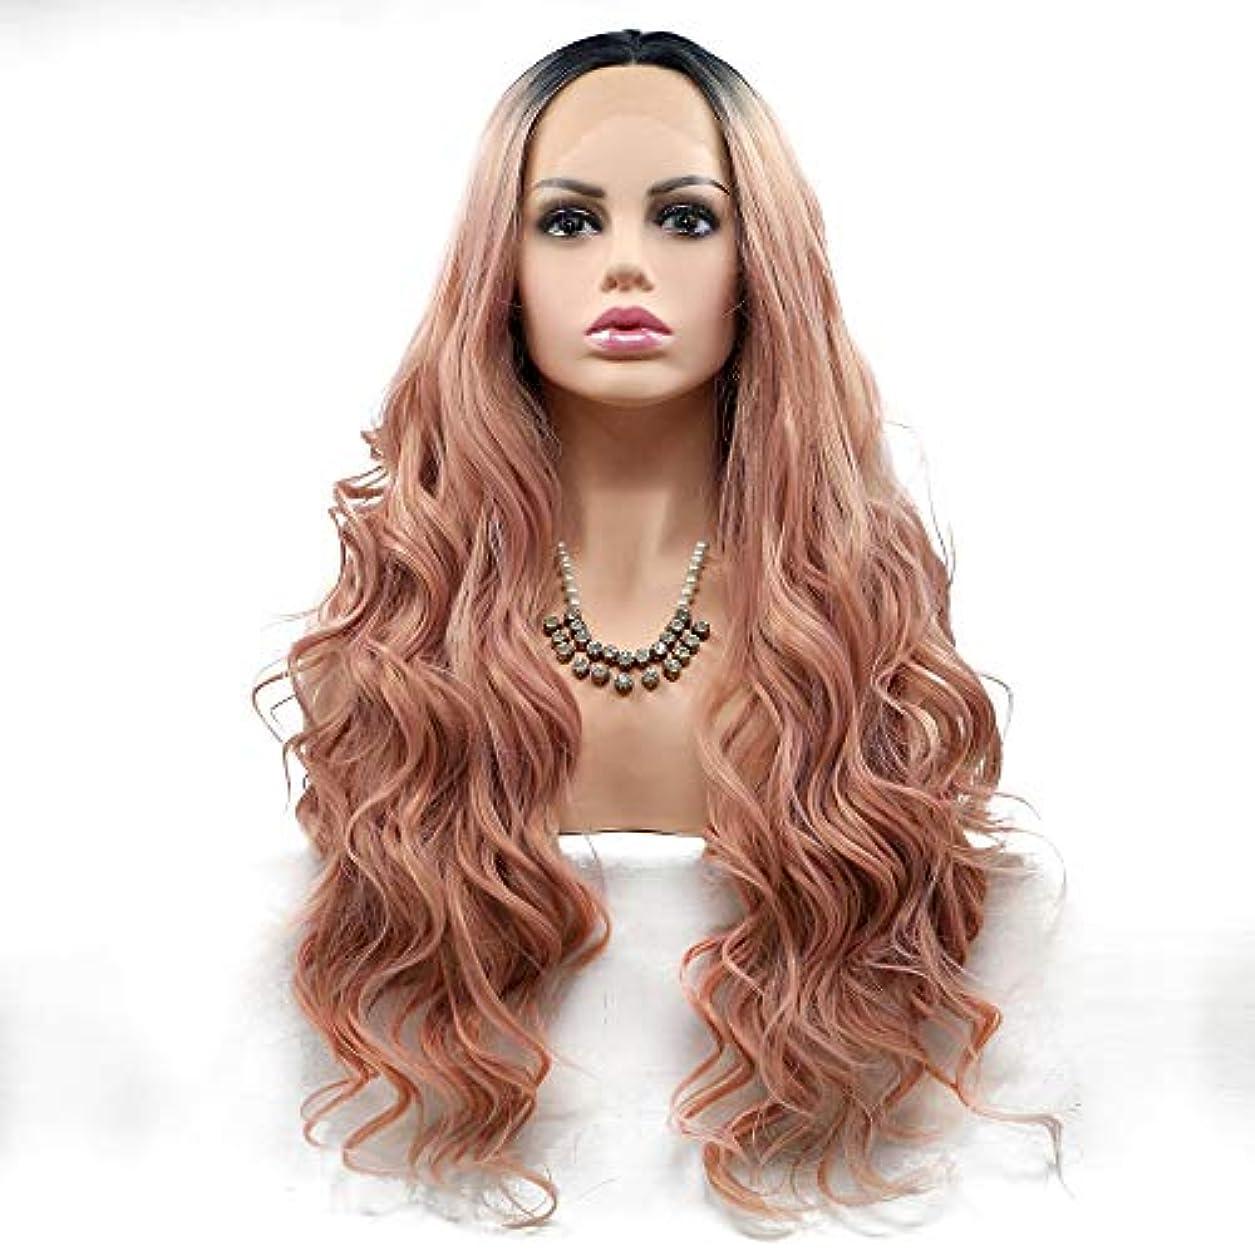 名門リス利益HAILAN HOME-かつら ウィッグ髪に鮮やかなピンクFarseeing髪カーリーヘアウィッグレディース手作りのレースのヨーロッパとアメリカのウィッグセットがリアルなリアルな換気を設定します。